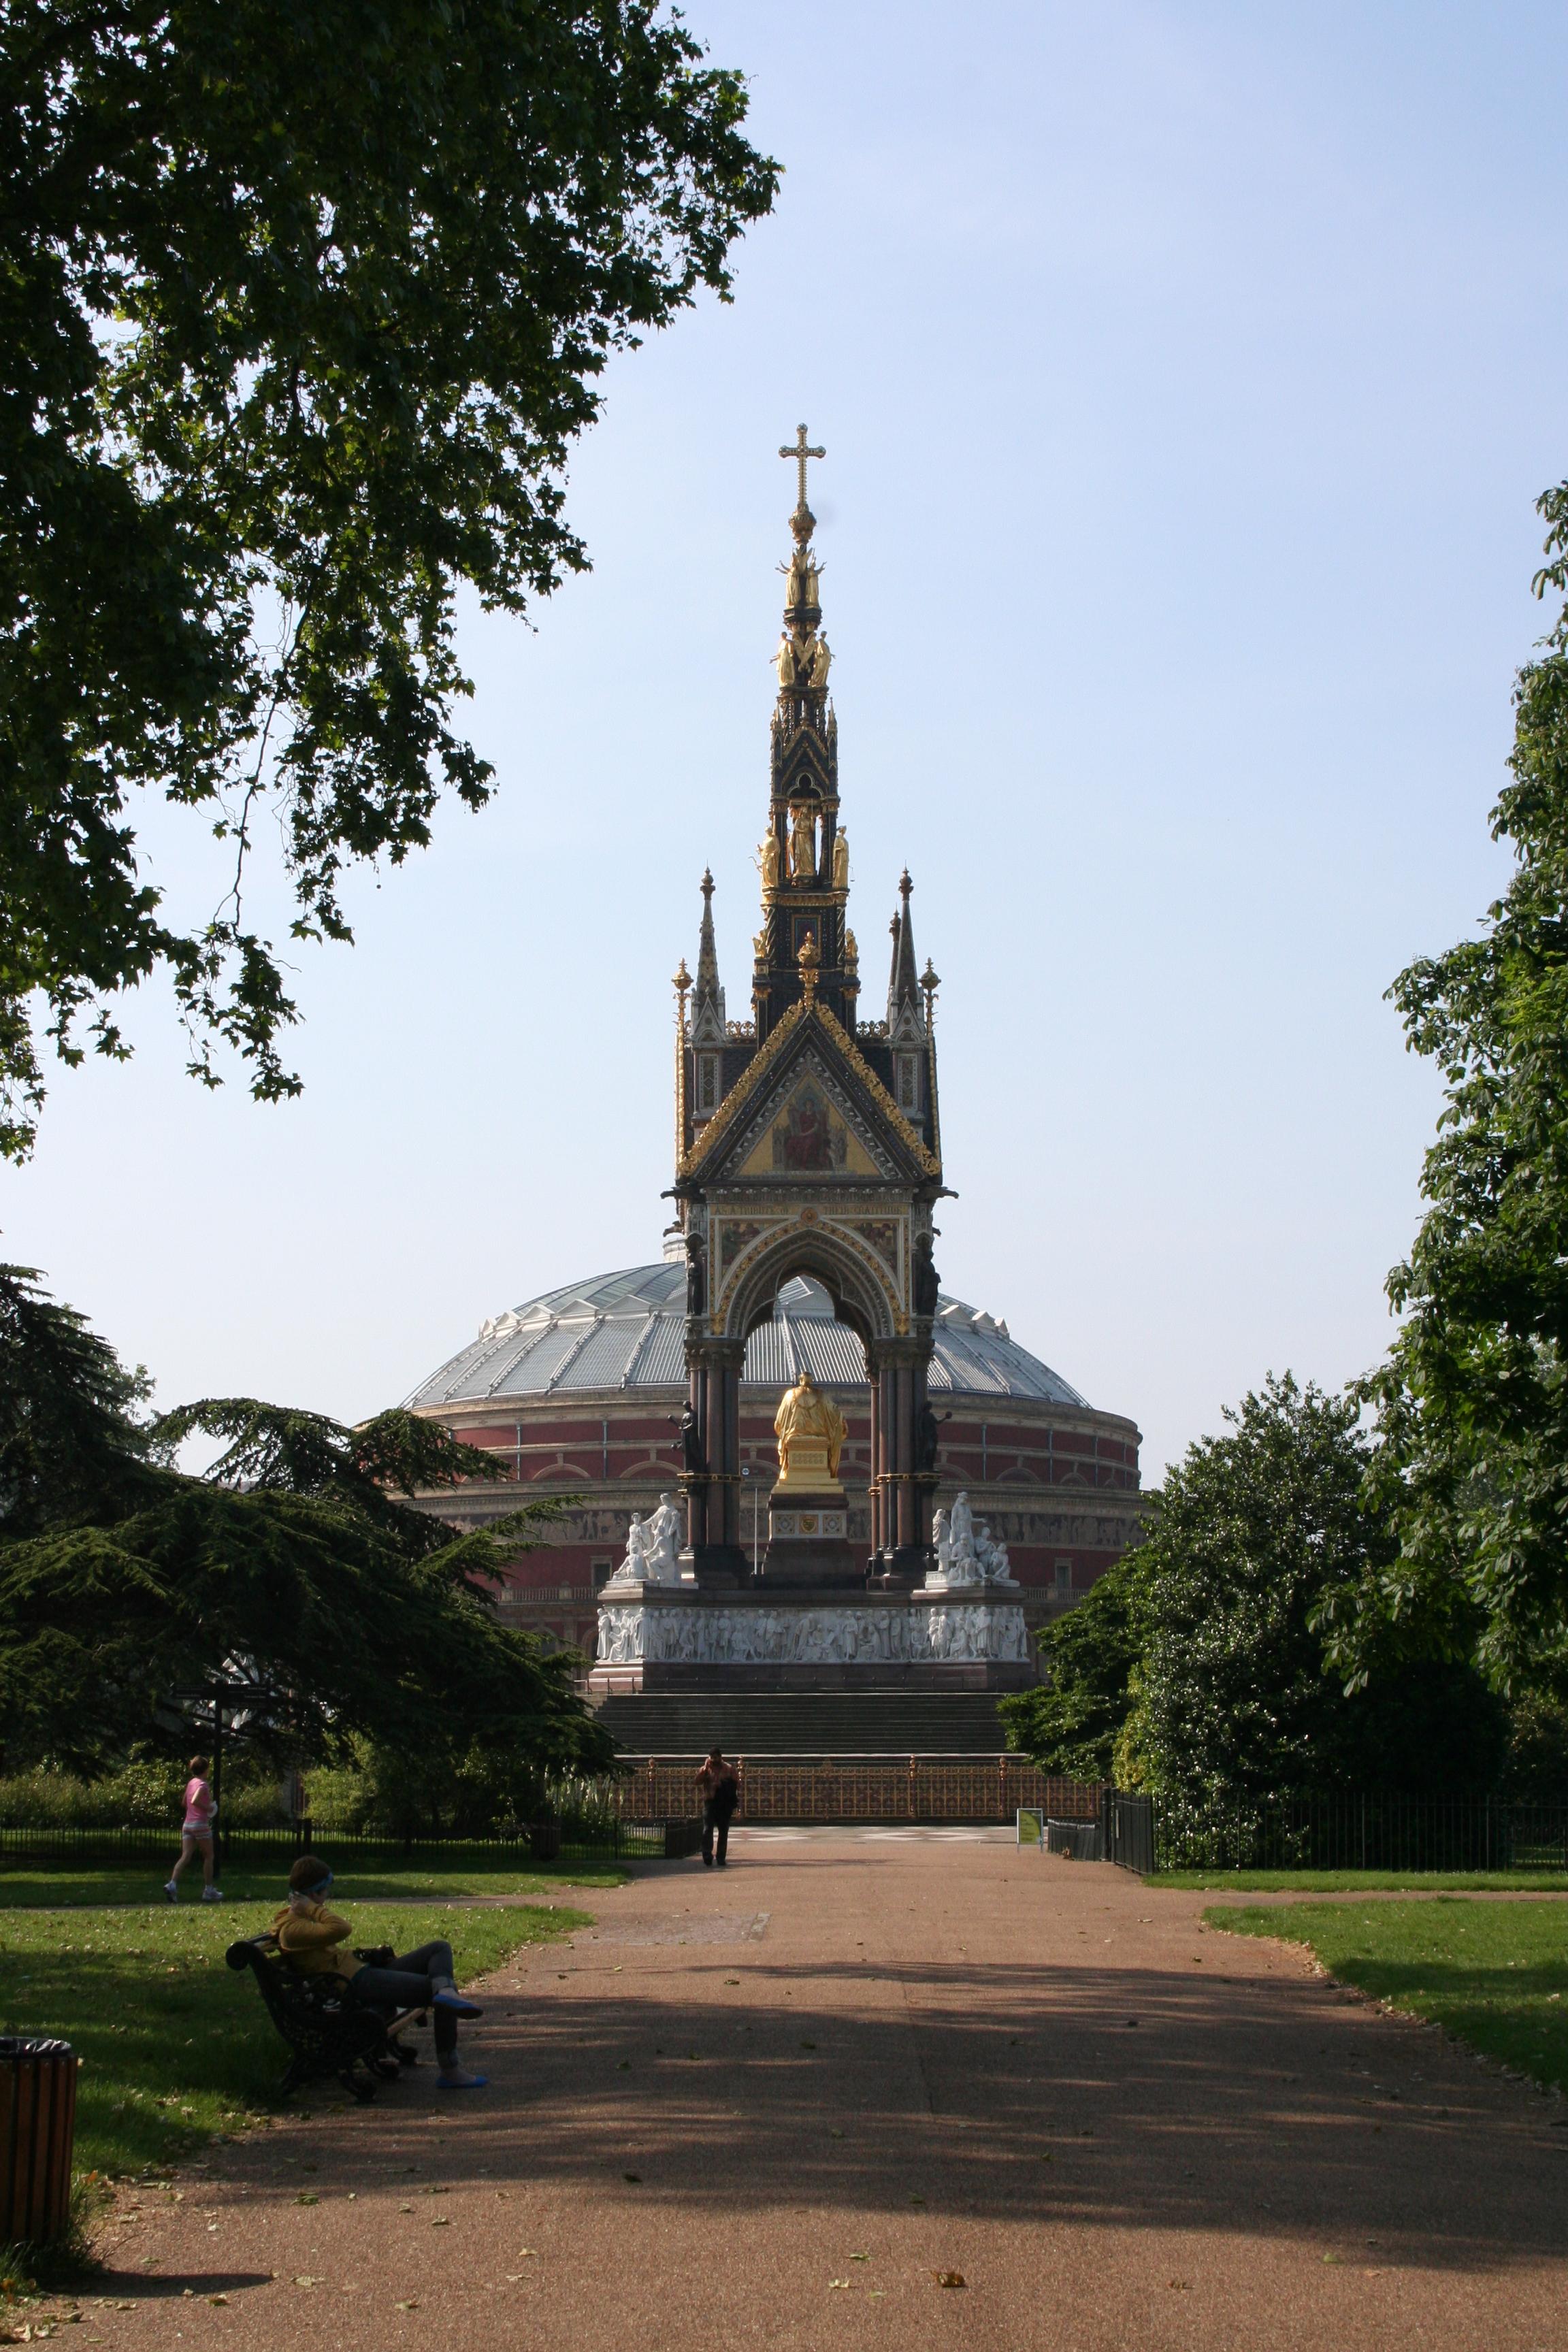 Albert Memorial, the ultimate in grandiose statements in Kensington Park, London.